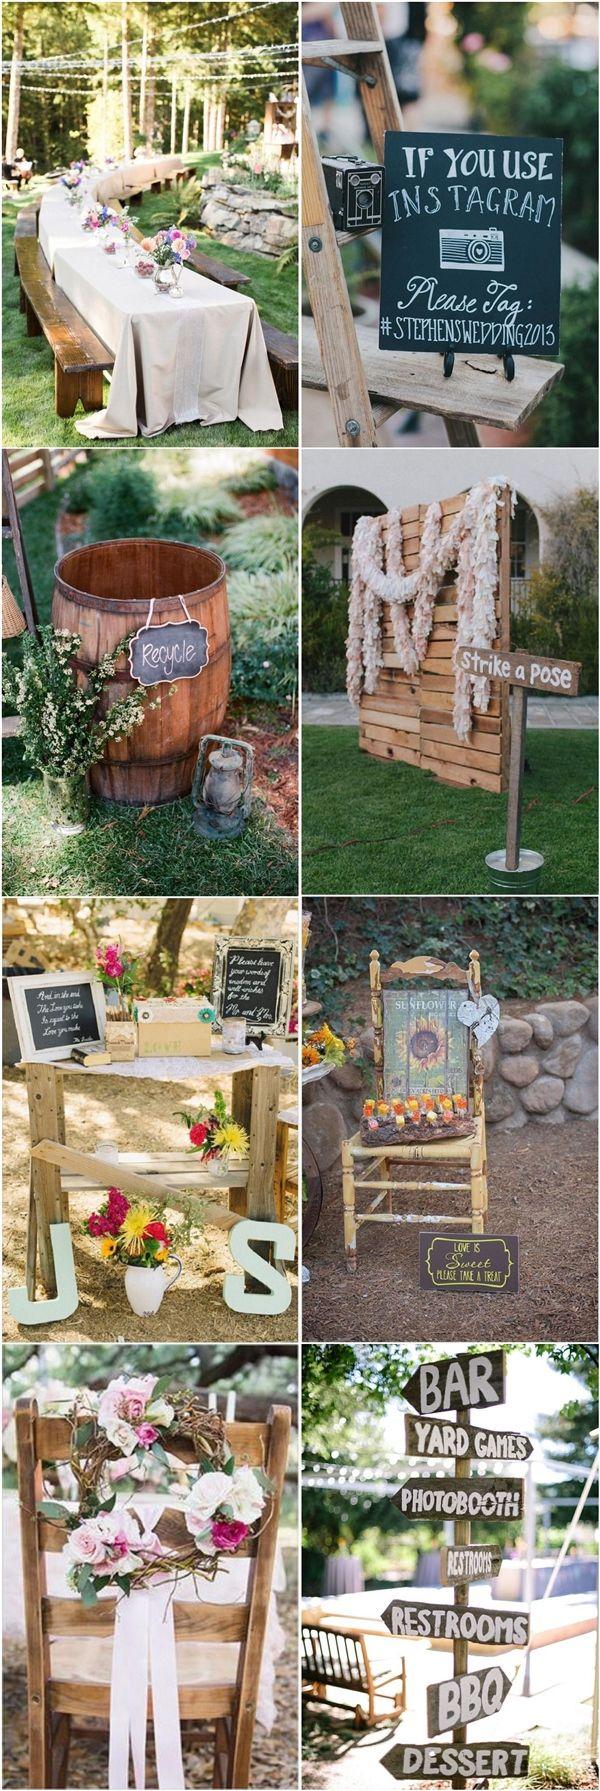 Wedding decoration ideas garden party   Rustic Backyard Wedding Decoration Ideas  wedding  Pinterest